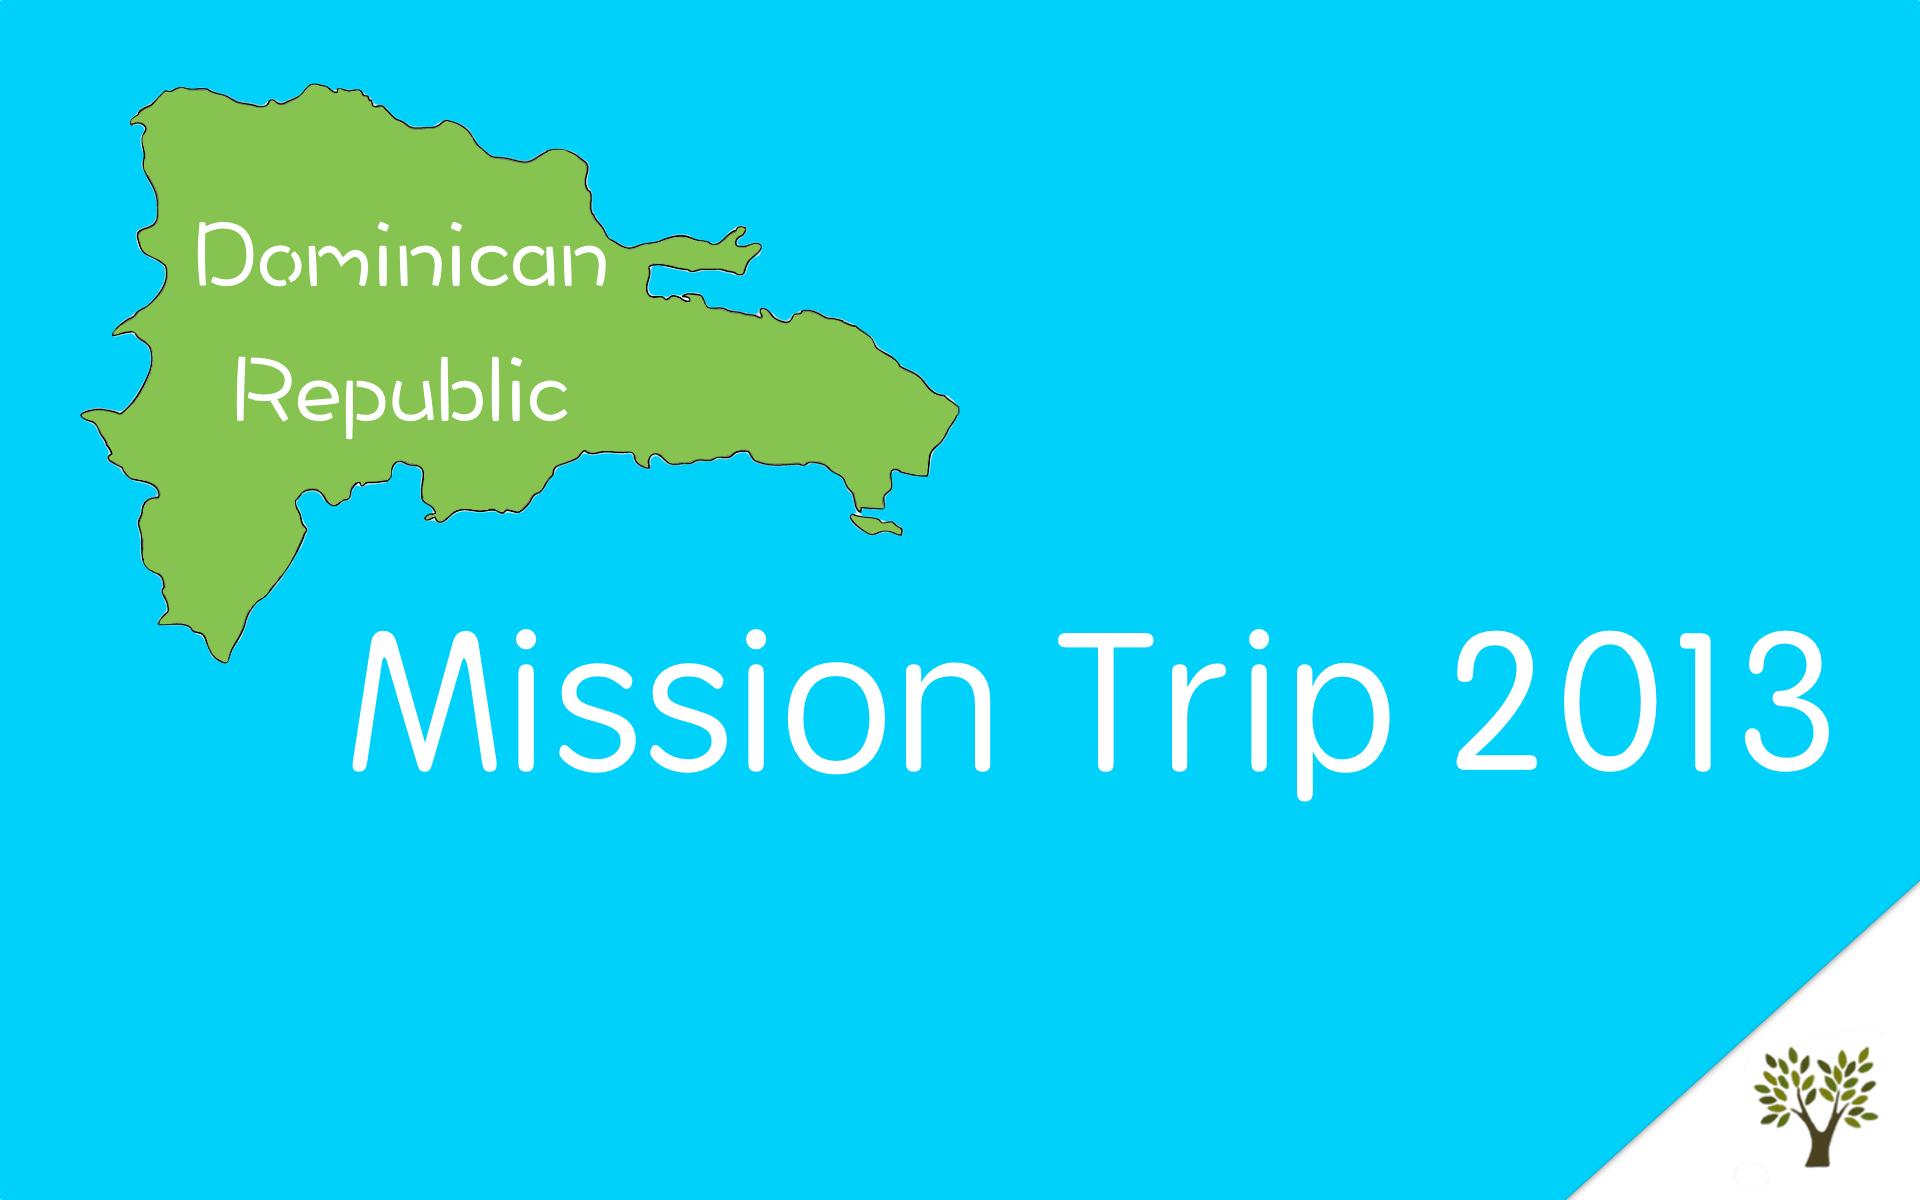 Dominican Republic Mission Trip - 2013